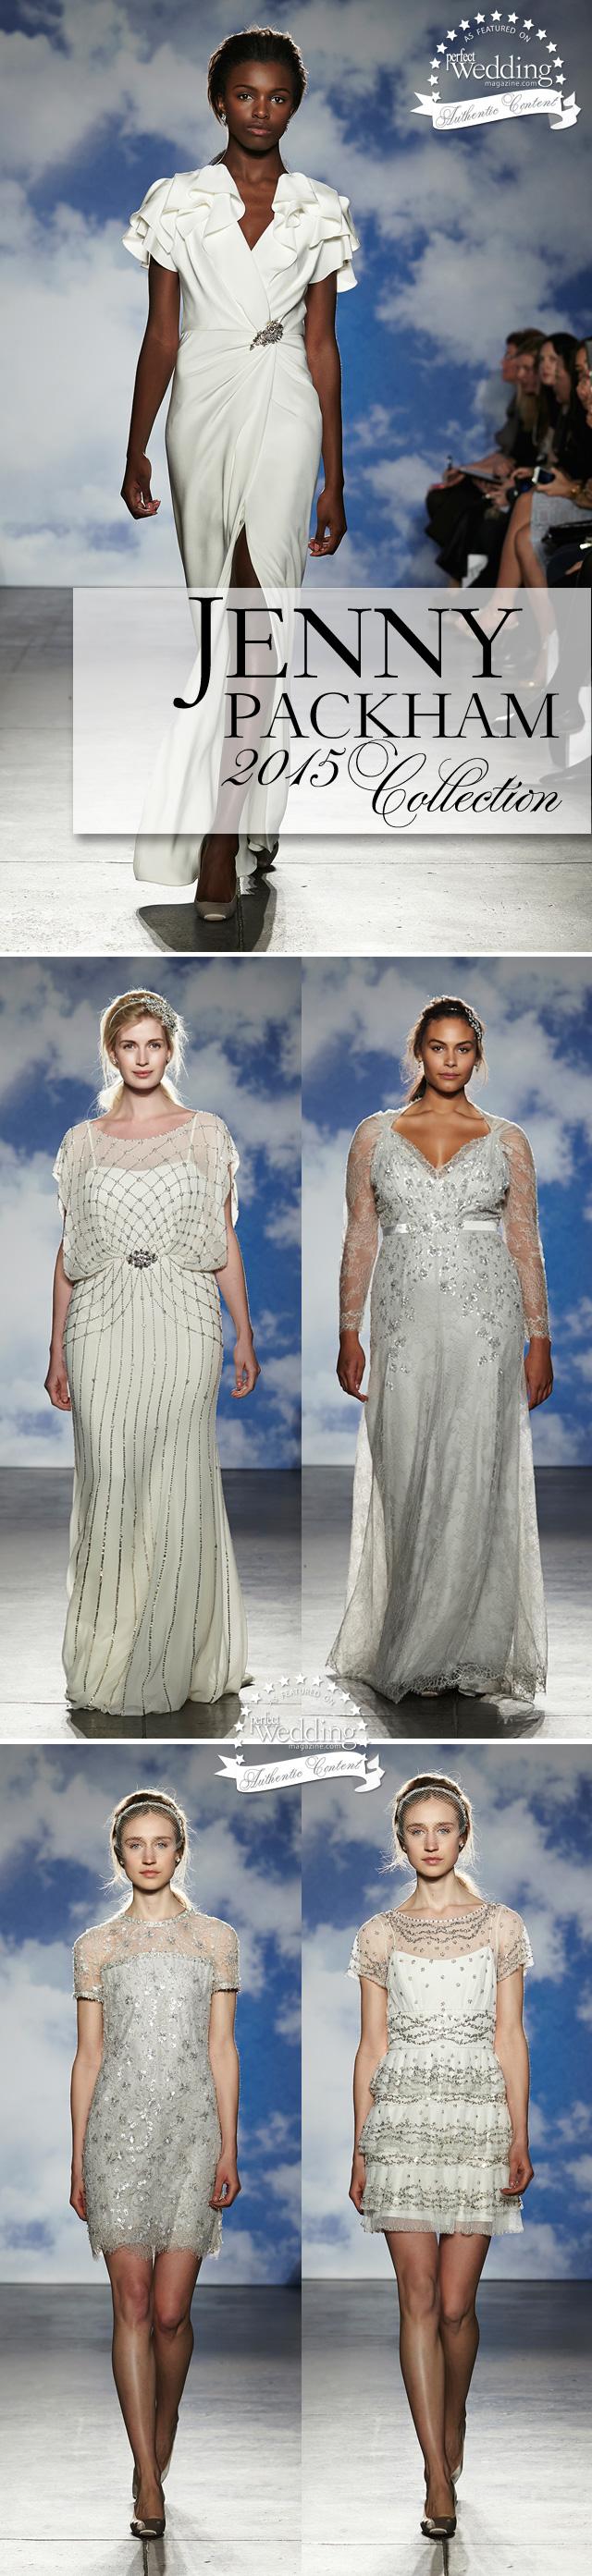 Jenny Packham, Jenny Packham 2015 Bridal collection, Perfect Wedding magazine, Perfect Wedding Magazine Blog, Wedding Gowns, Bridal Fashion